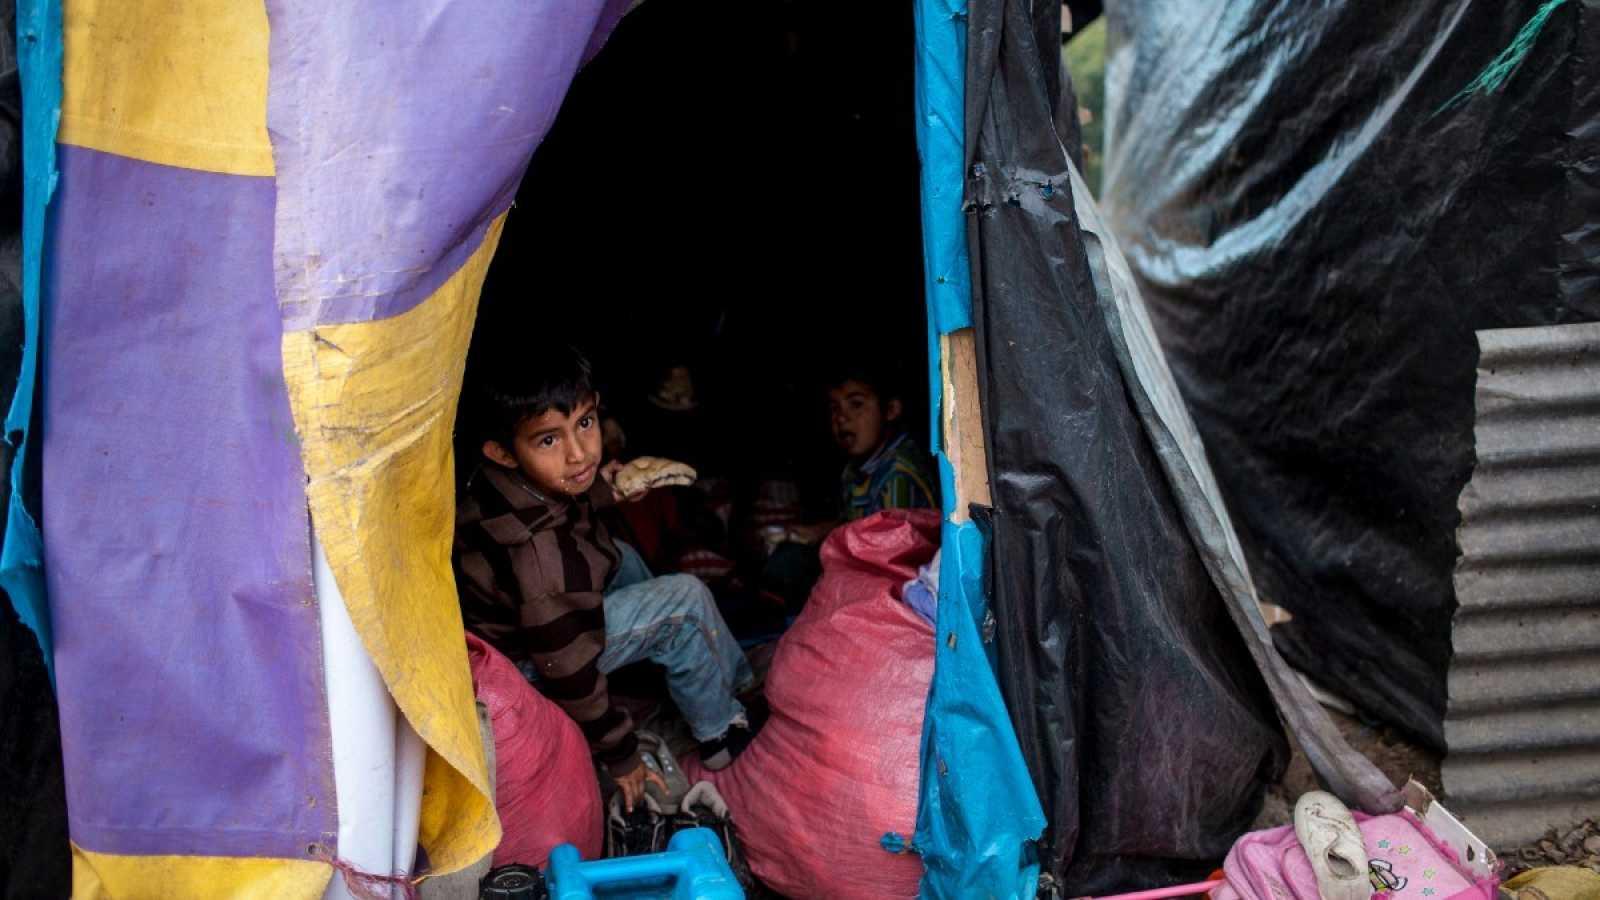 Alrededor de 6,7 millones de niños y niñas menores de cinco años están en riesgo de sufrir desnutrición grave este año como resultado de la pandemia